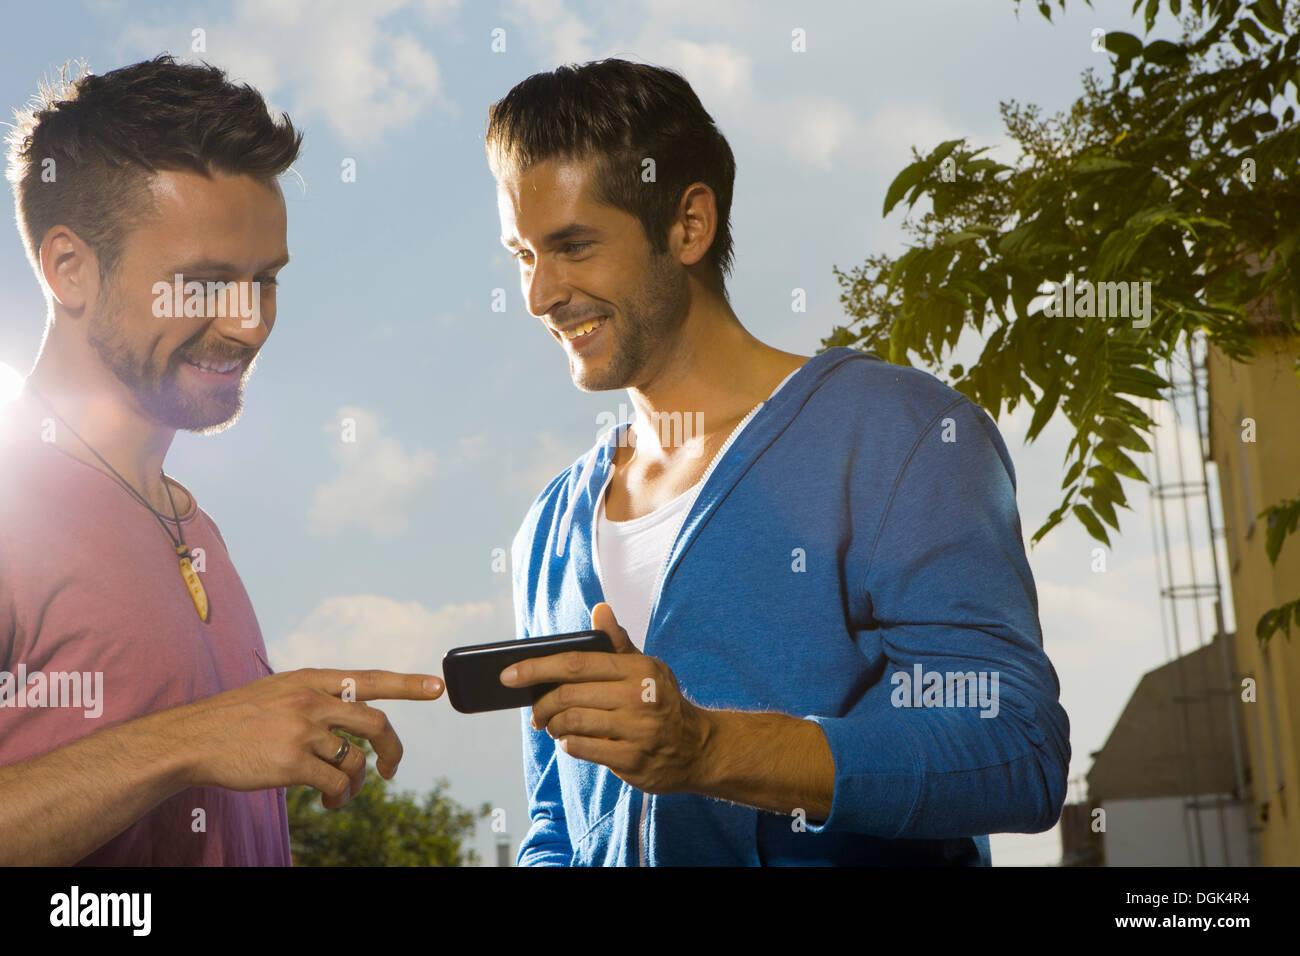 Zwei Männer mit Handy Stockfoto